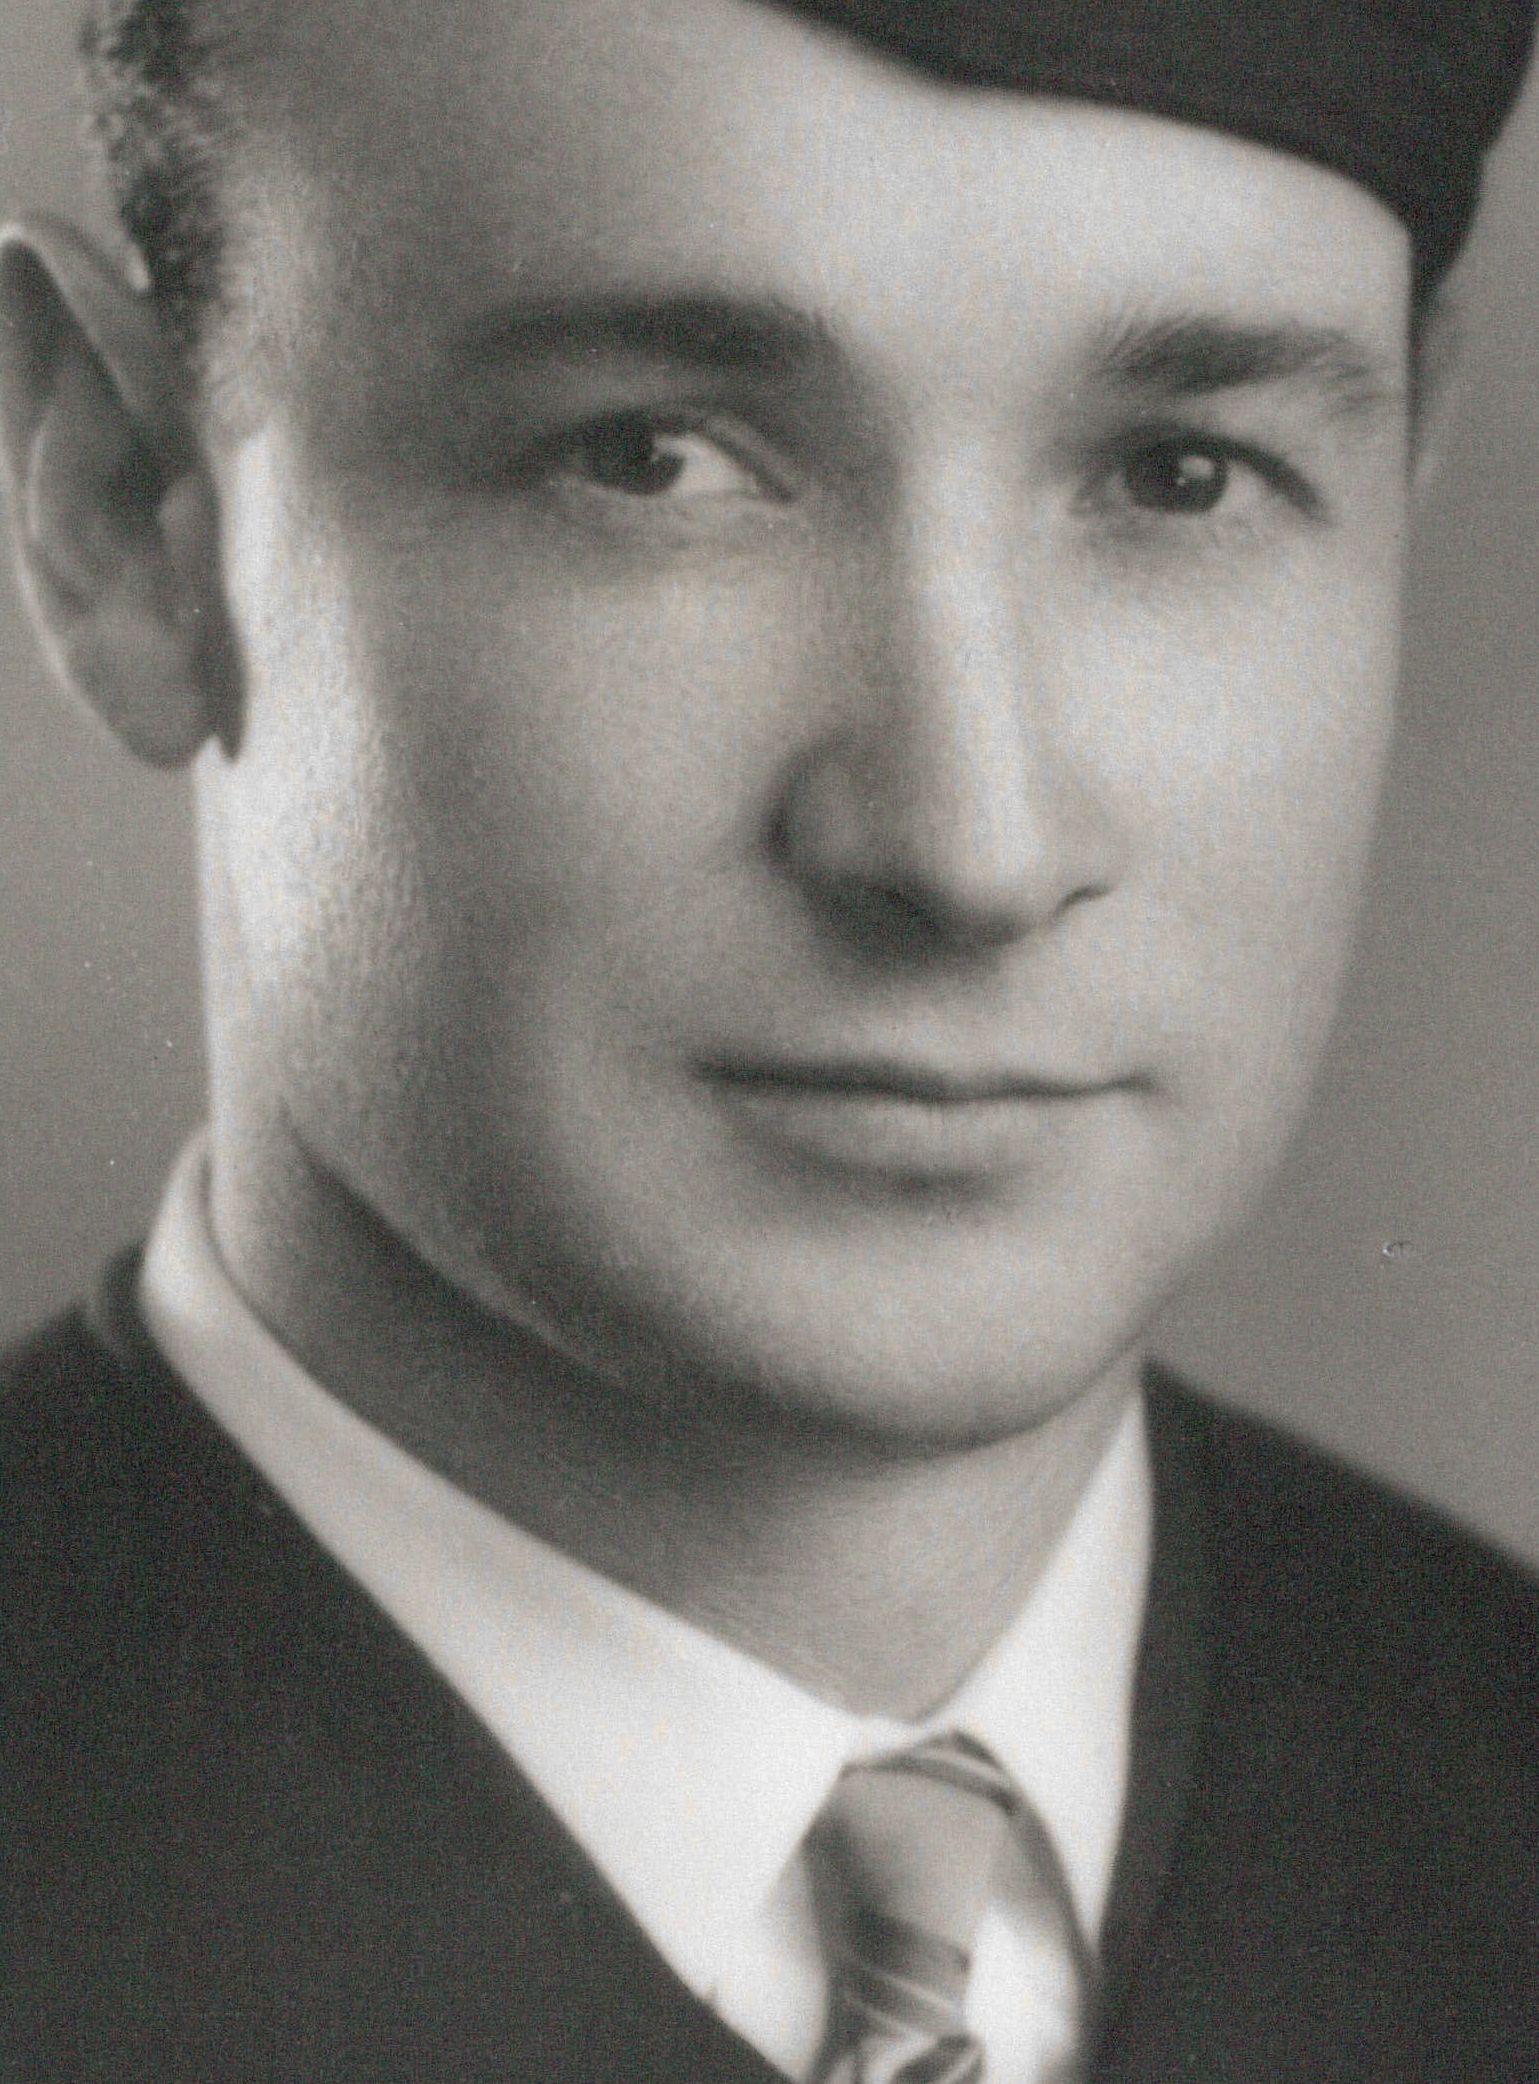 Anderson, Norman Stillwell, Jr.